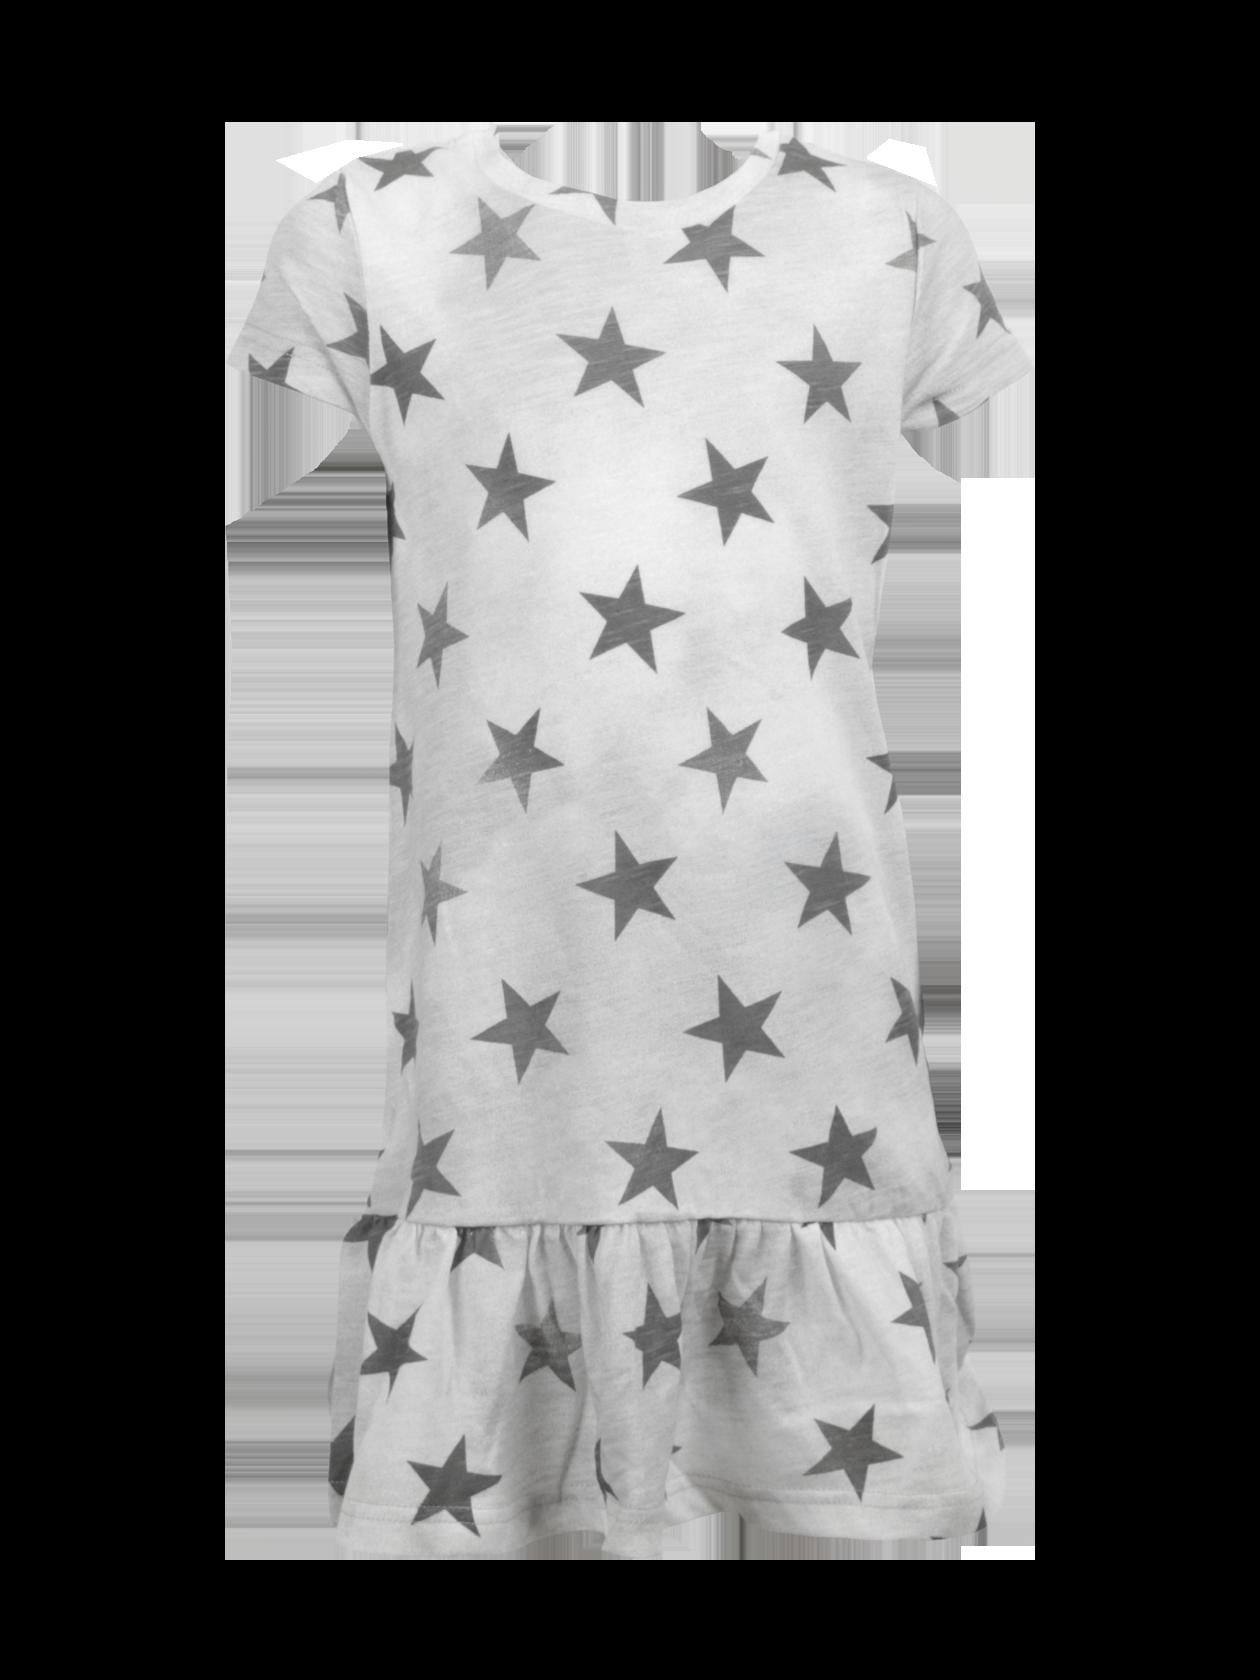 Платье детское ALL STARSПлатье детское All Stars от бренда Black Star – яркое дополнение повседневного гардероба юной модницы. Модель представлена в сером цвете, дополненном затемнениями и крупными звездами по всему изделию. Крой прямой, свободный, с отрезной нижней частью со сборкой. Рукав короткий, горловина округлой формы с окантовкой и лейблом Black Star Wear на изнаночной стороне. Платье изготовлено из натурального хлопка класса «люкс», отличается долговечностью и износоустойчивостью.<br><br>Размер: 6 years<br>Цвет: Серый<br>Пол: Унисекс